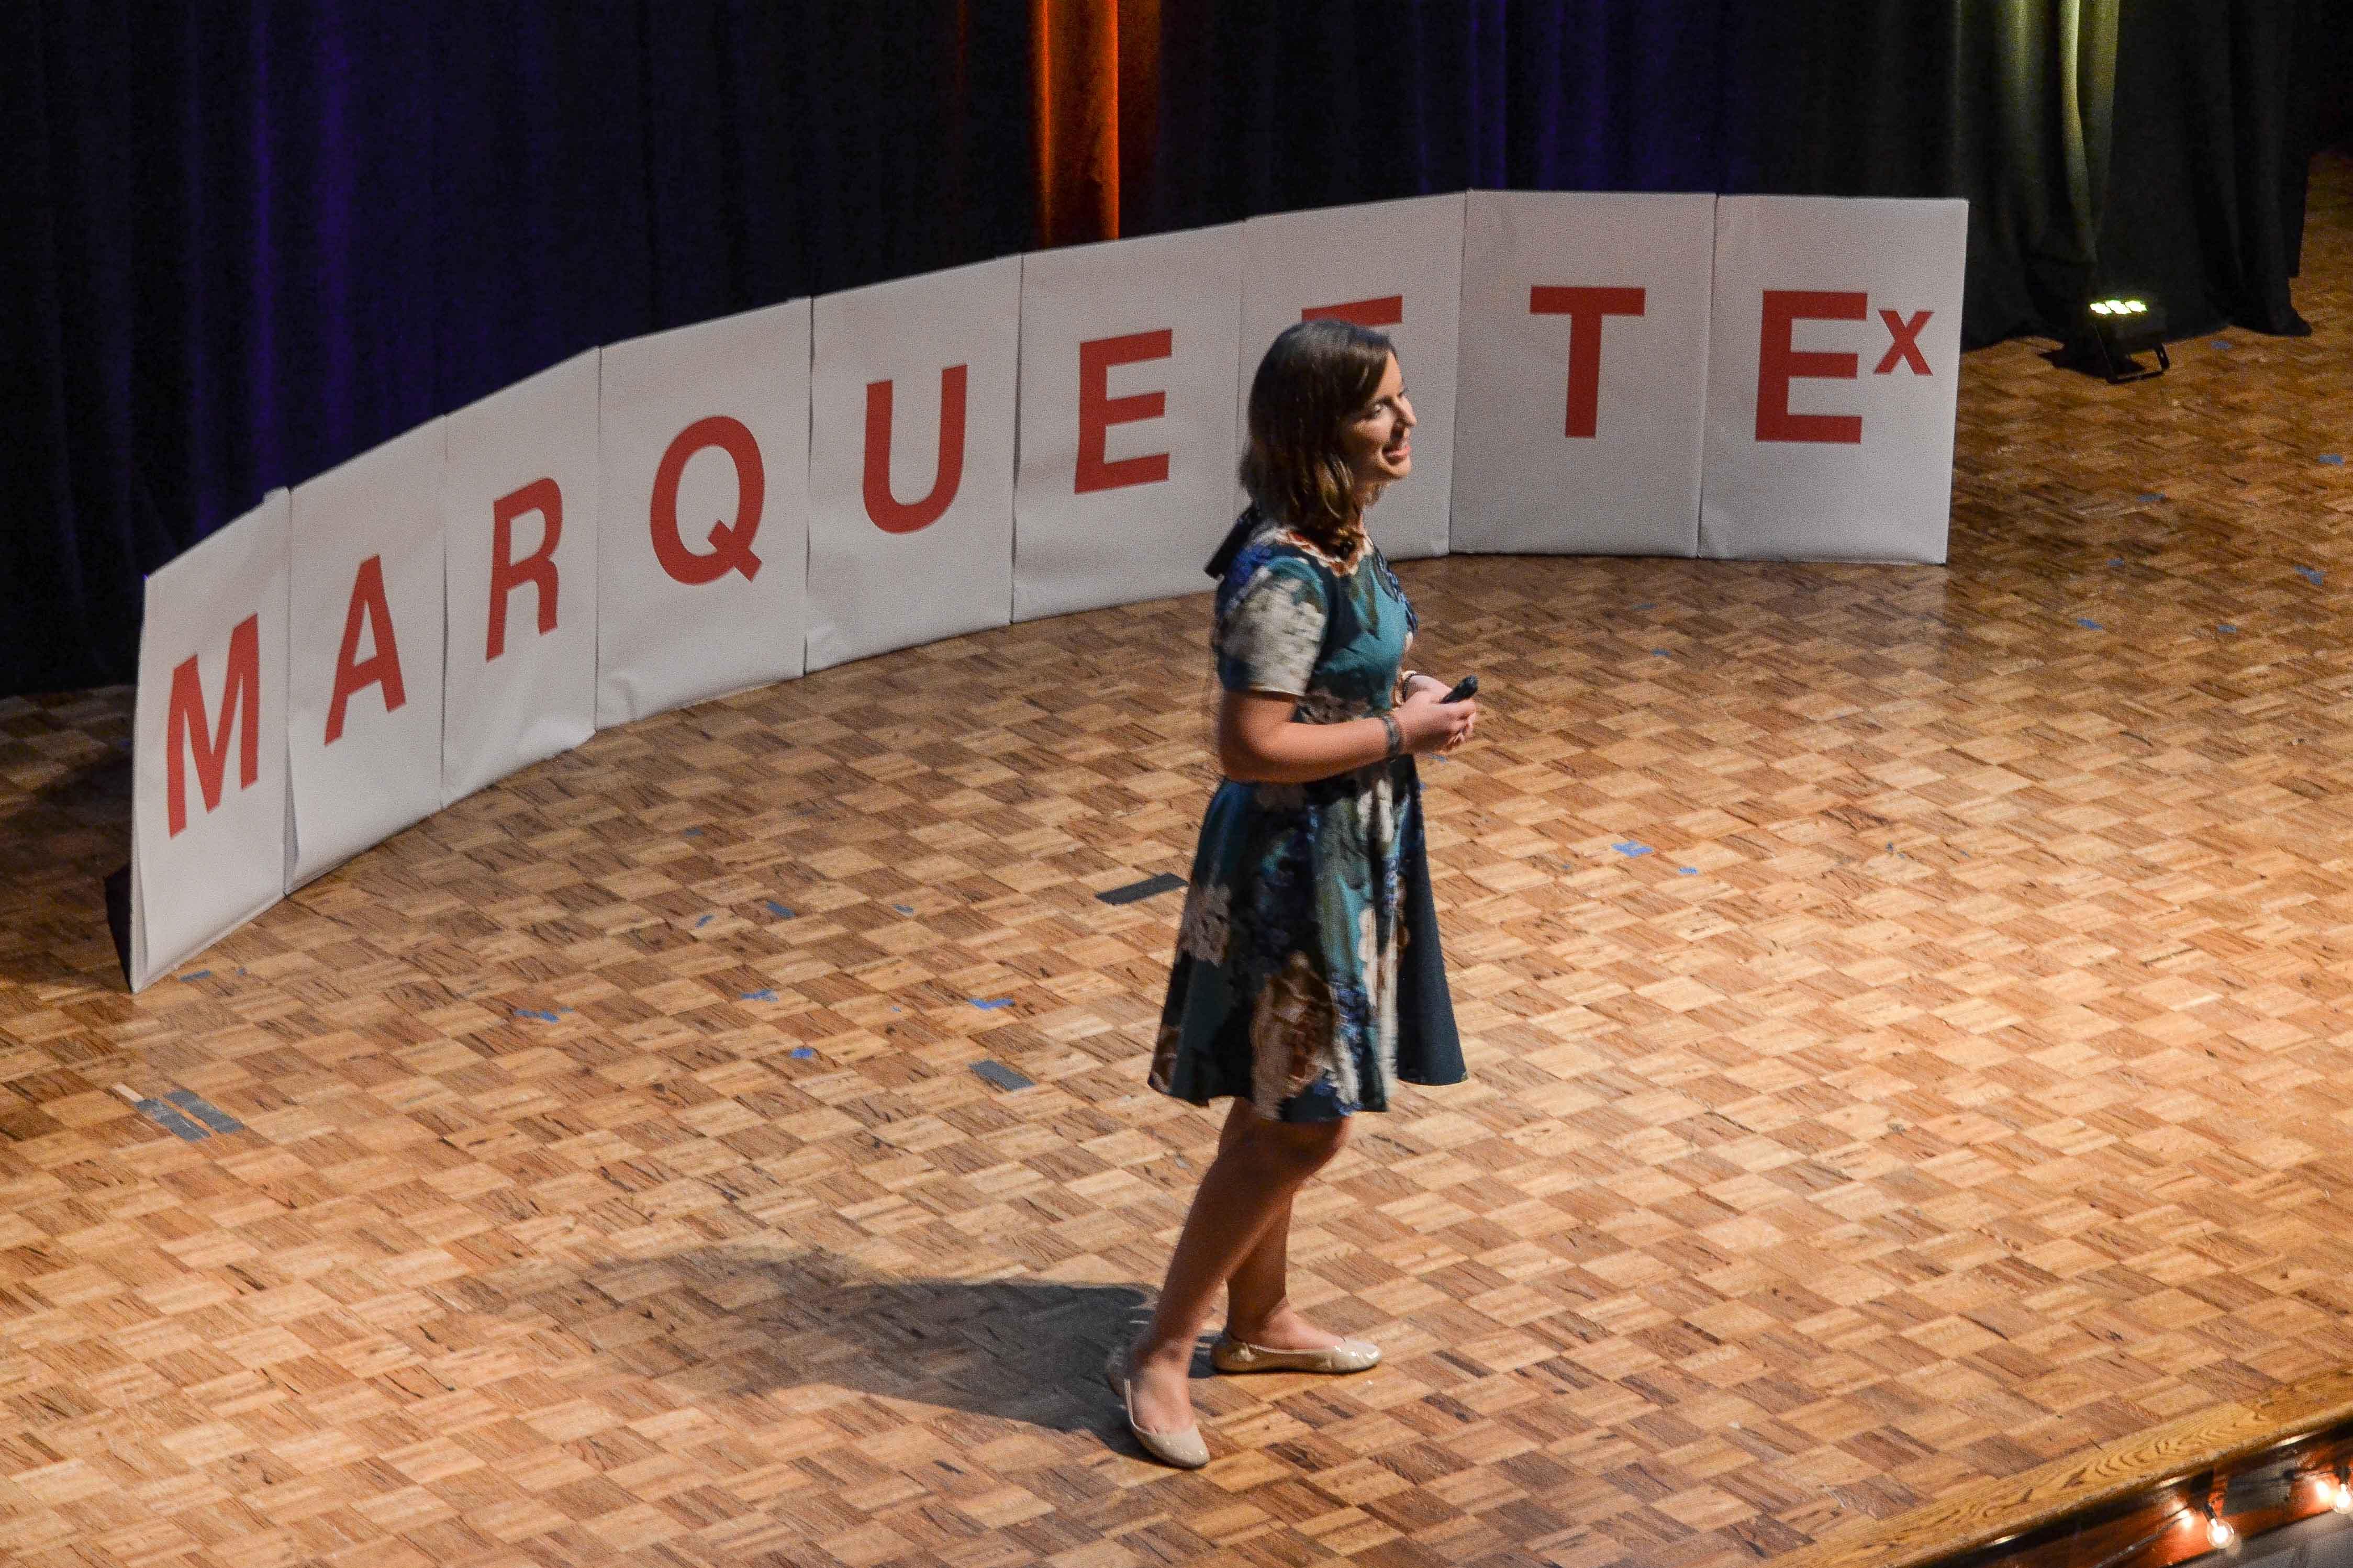 Jane Lorenzi gives her speech at the event. Photo by Matt Serafin /matthew.serafin@marquette.edu